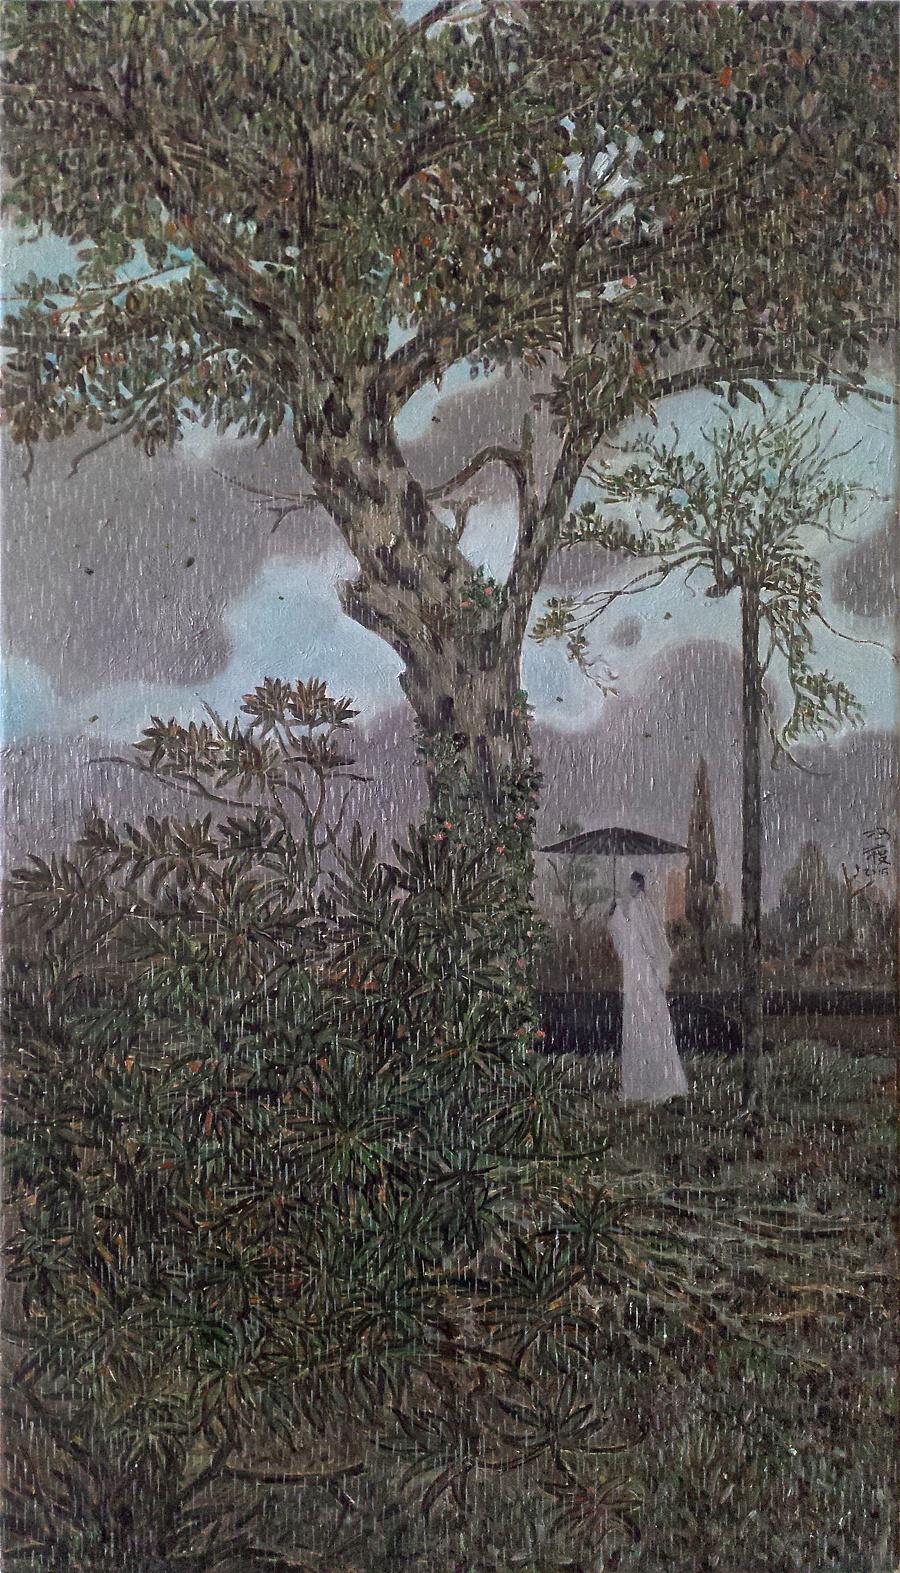 查看《《渡·門》系列秋冬之季最新作品十幅》原图,原图尺寸:2304x4028